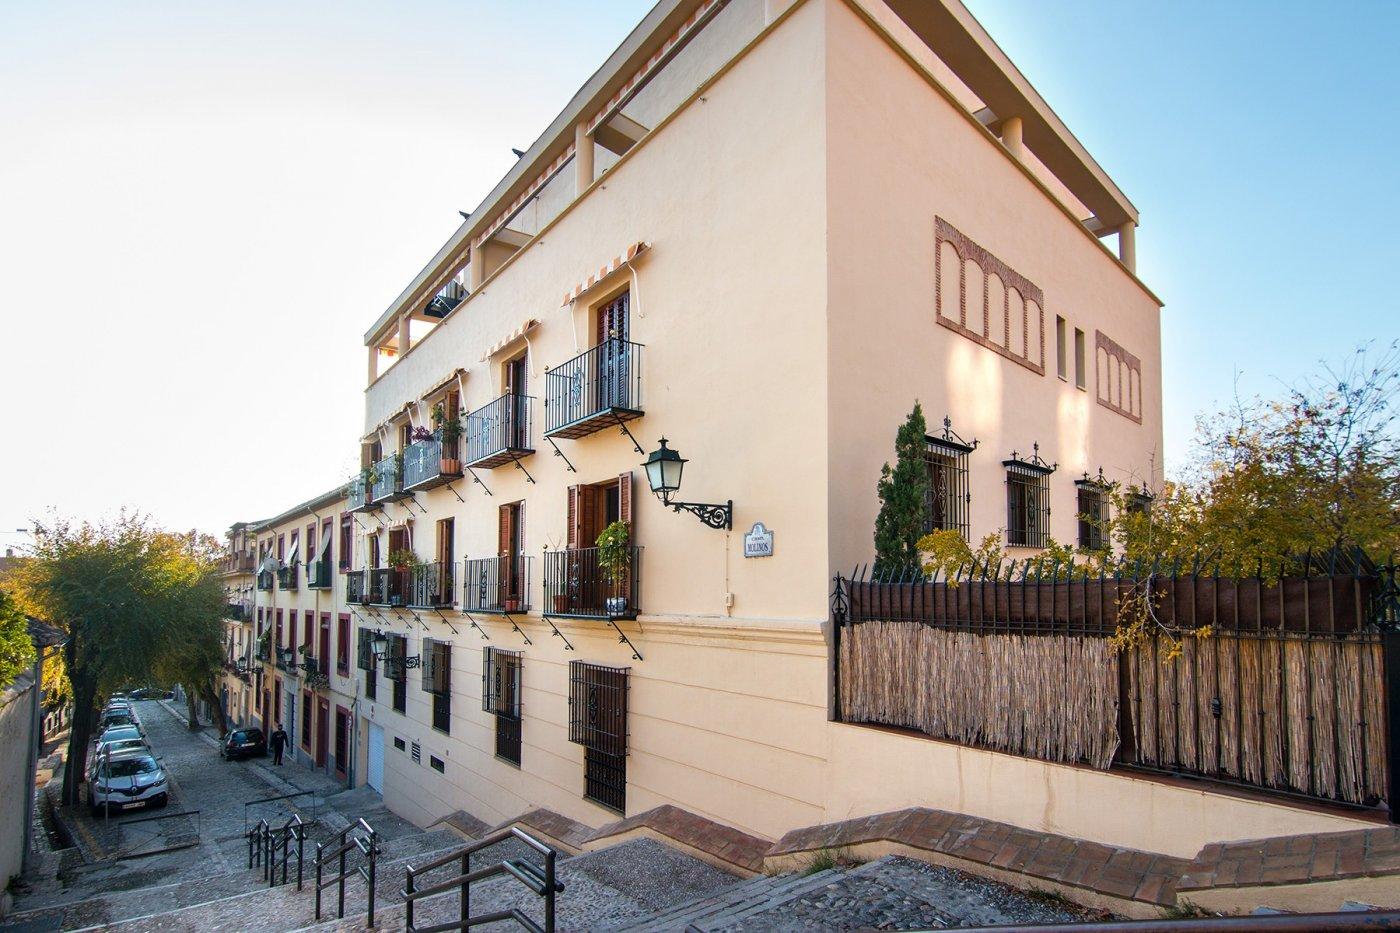 Piso de dos dormitorios y garaje en Cuesta de Escoriaza., Granada